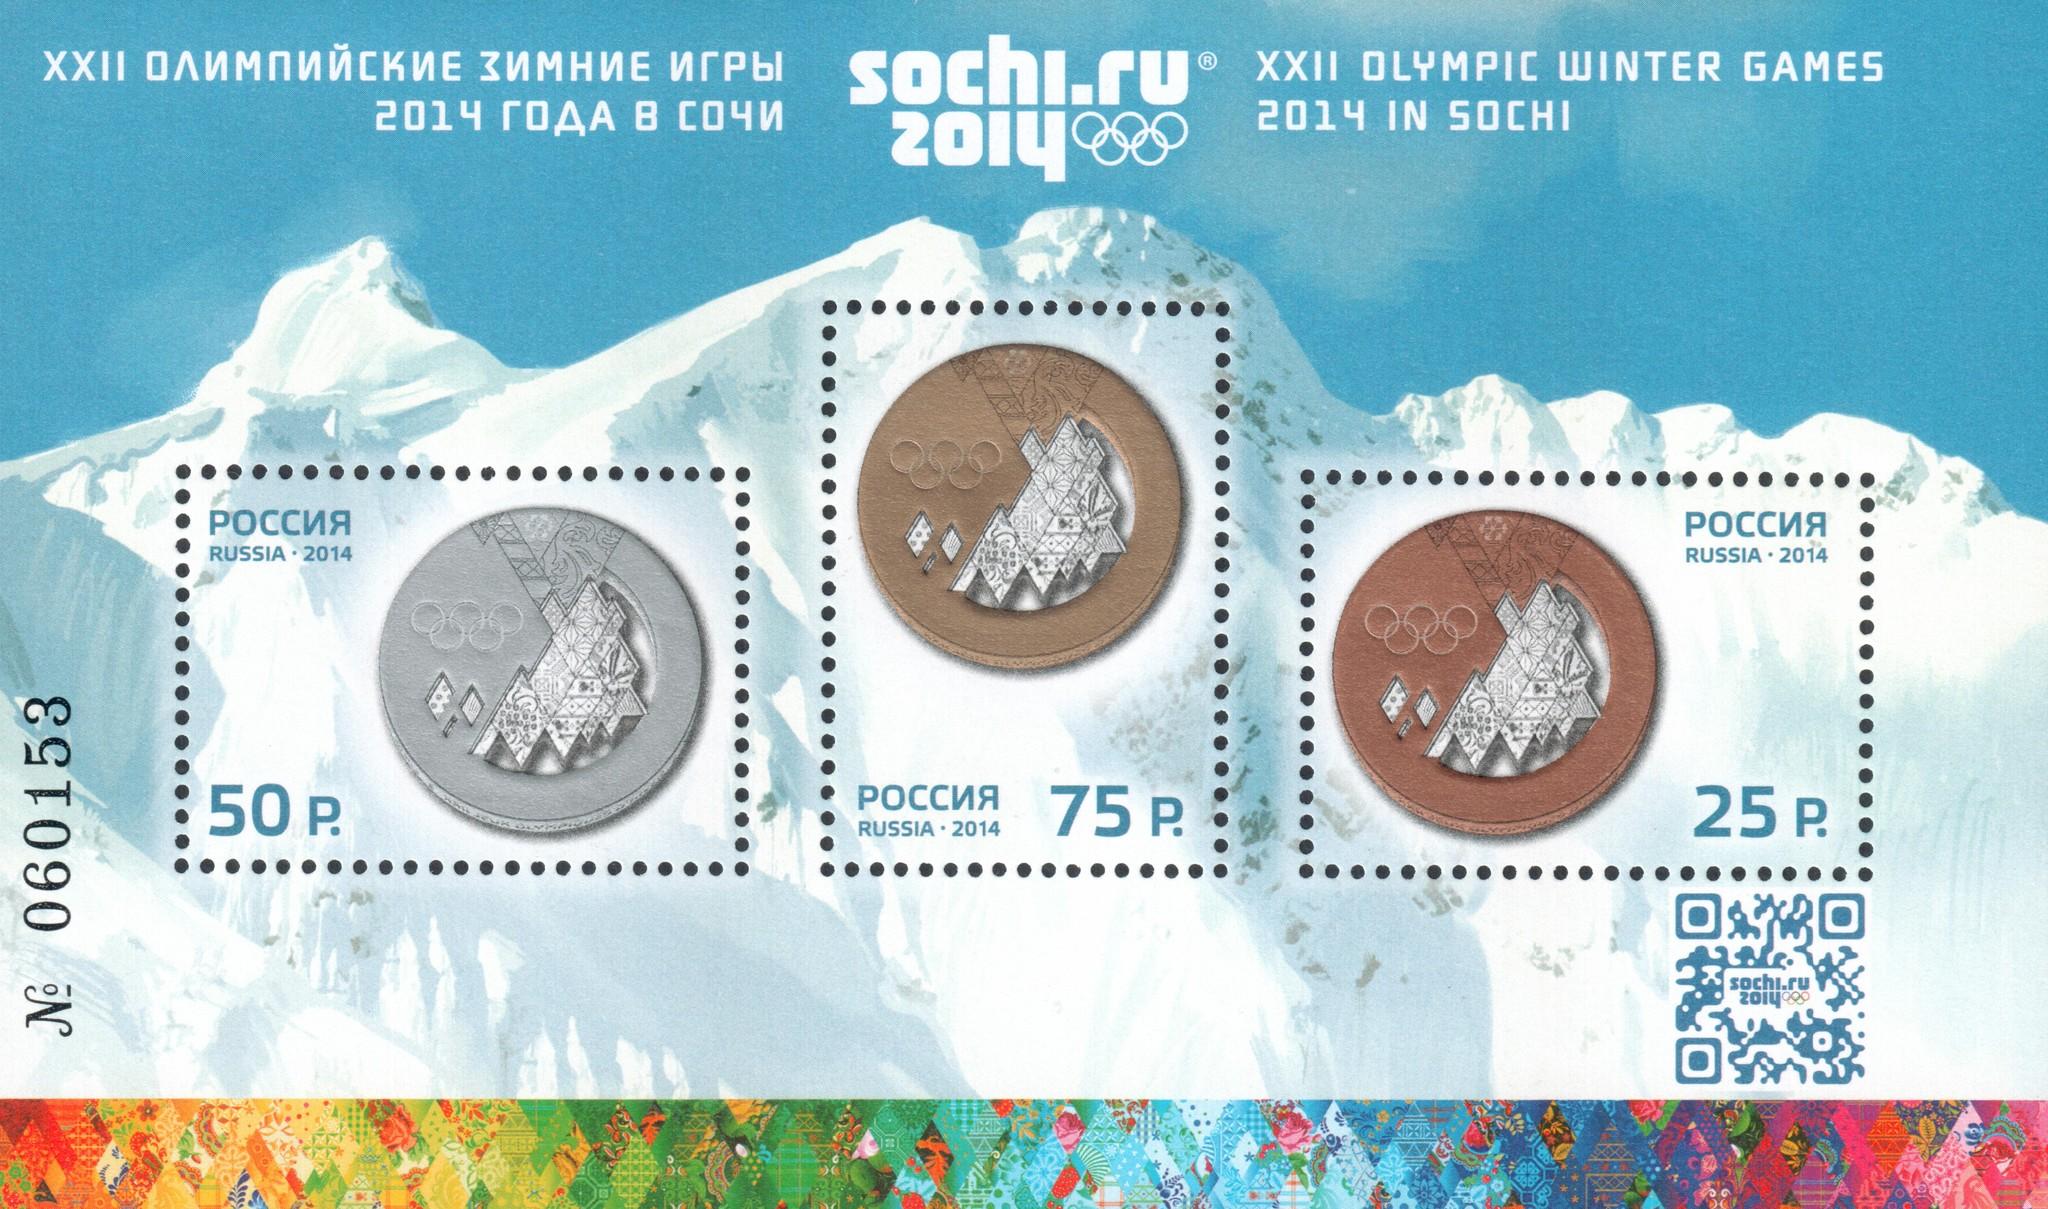 Медали. XXII Олимпийские зимние игры